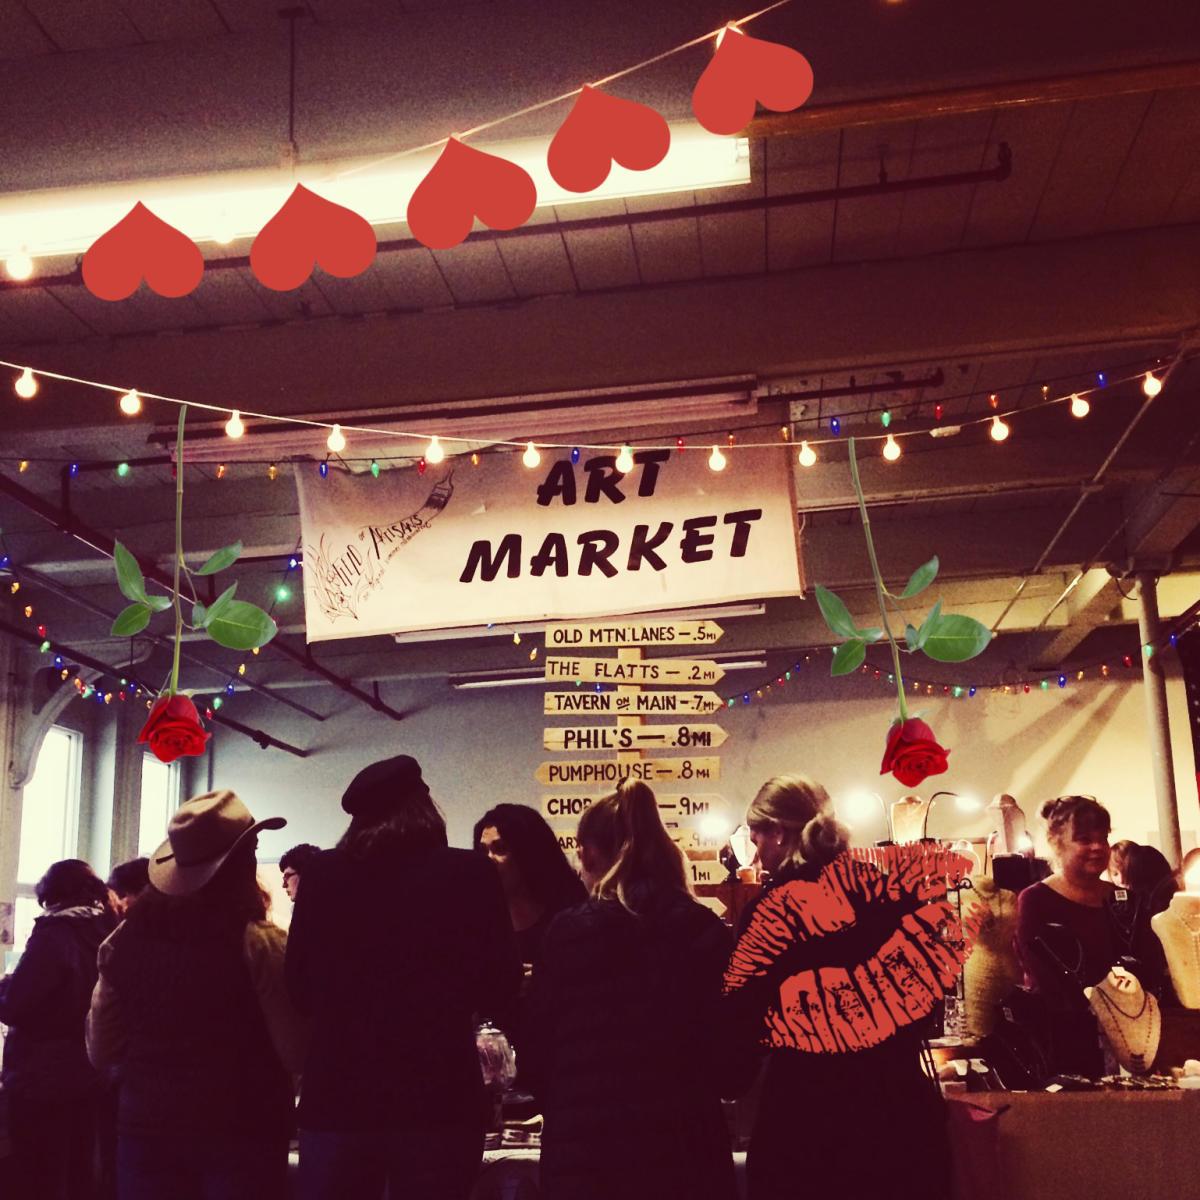 Valentine's Day Artisans Market